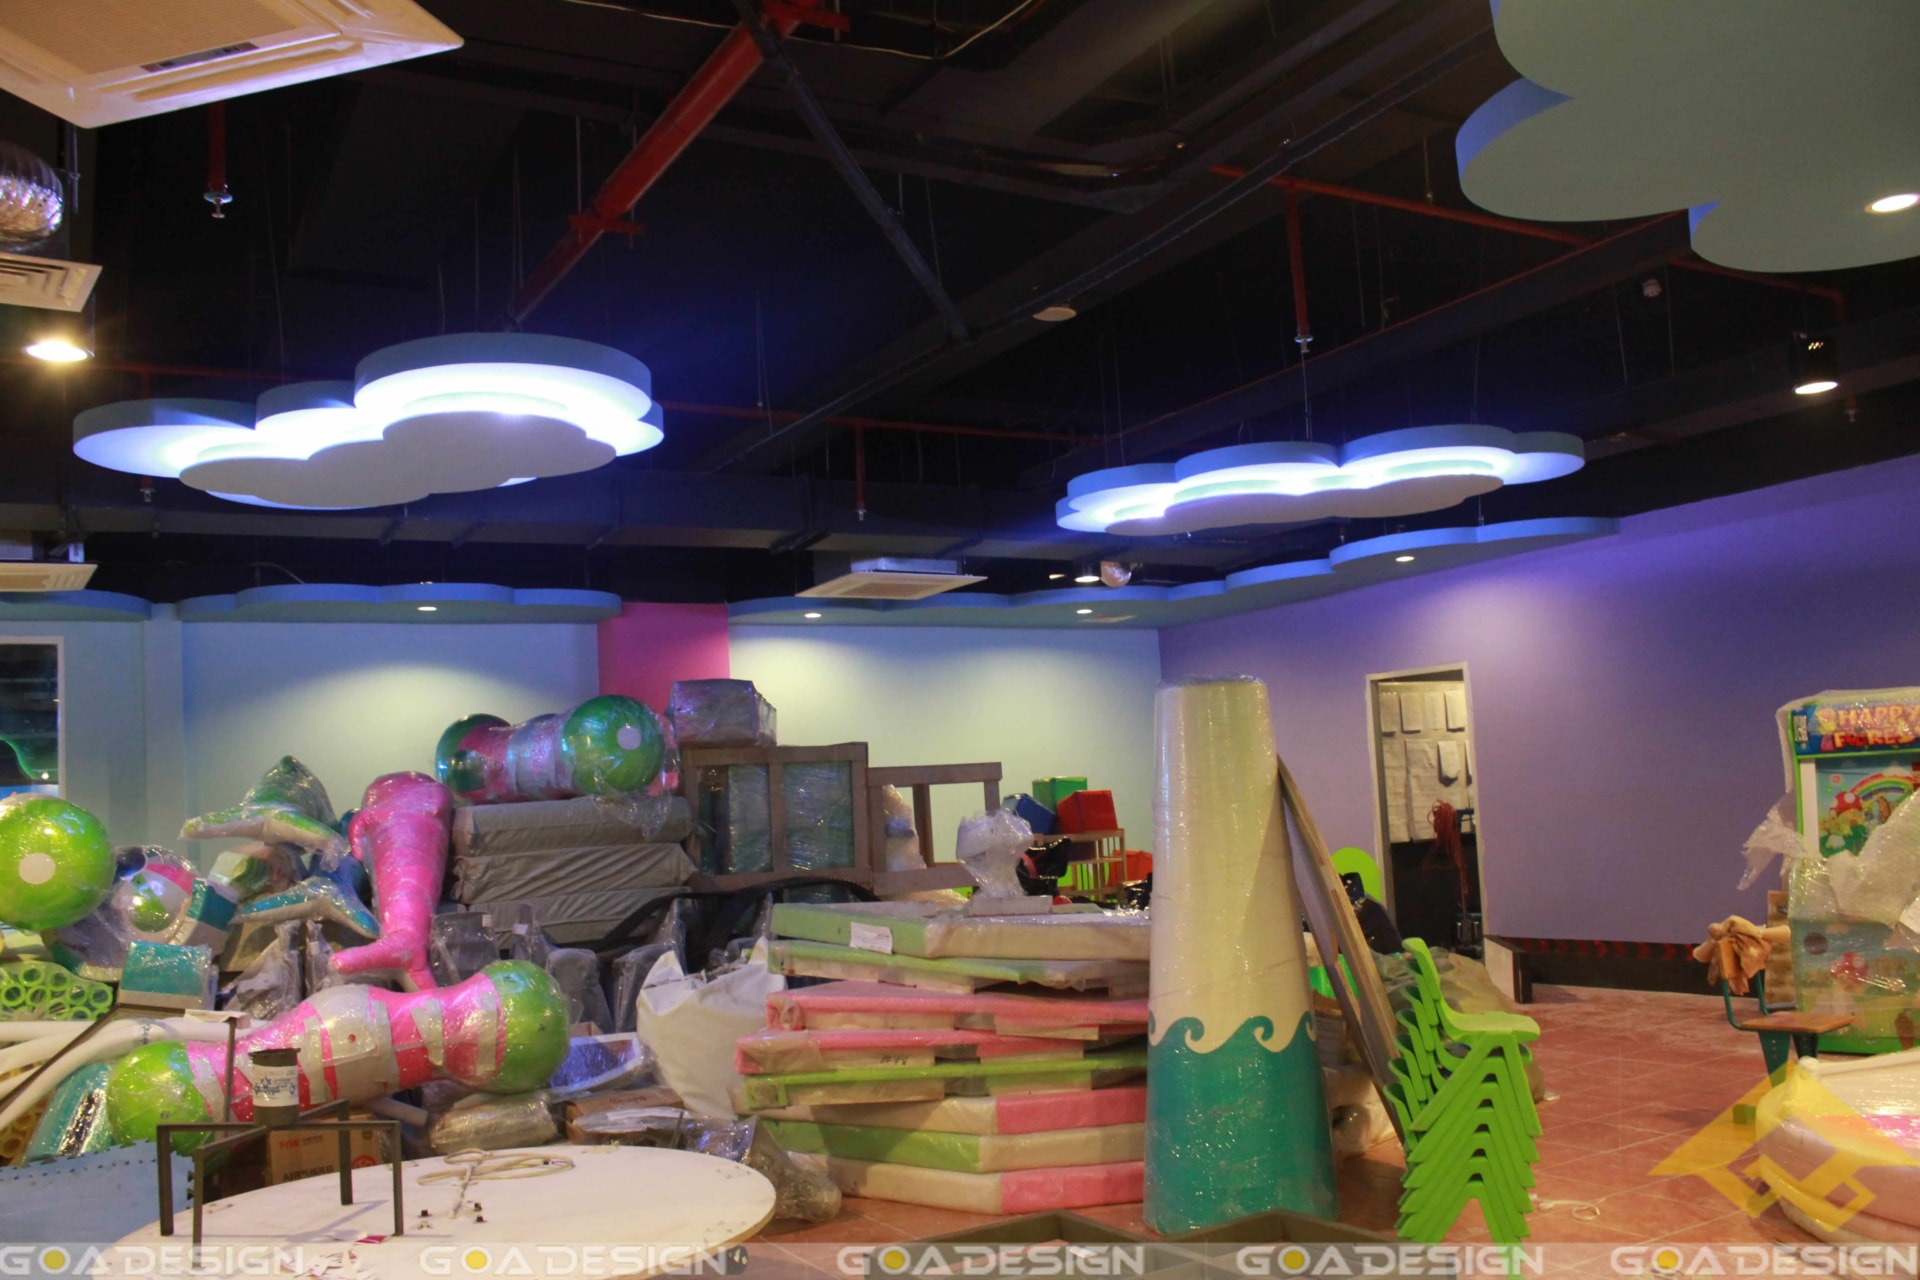 GOADESIGN Thiết kế khu vui chơi Kidzone Vũng Tàu (6)